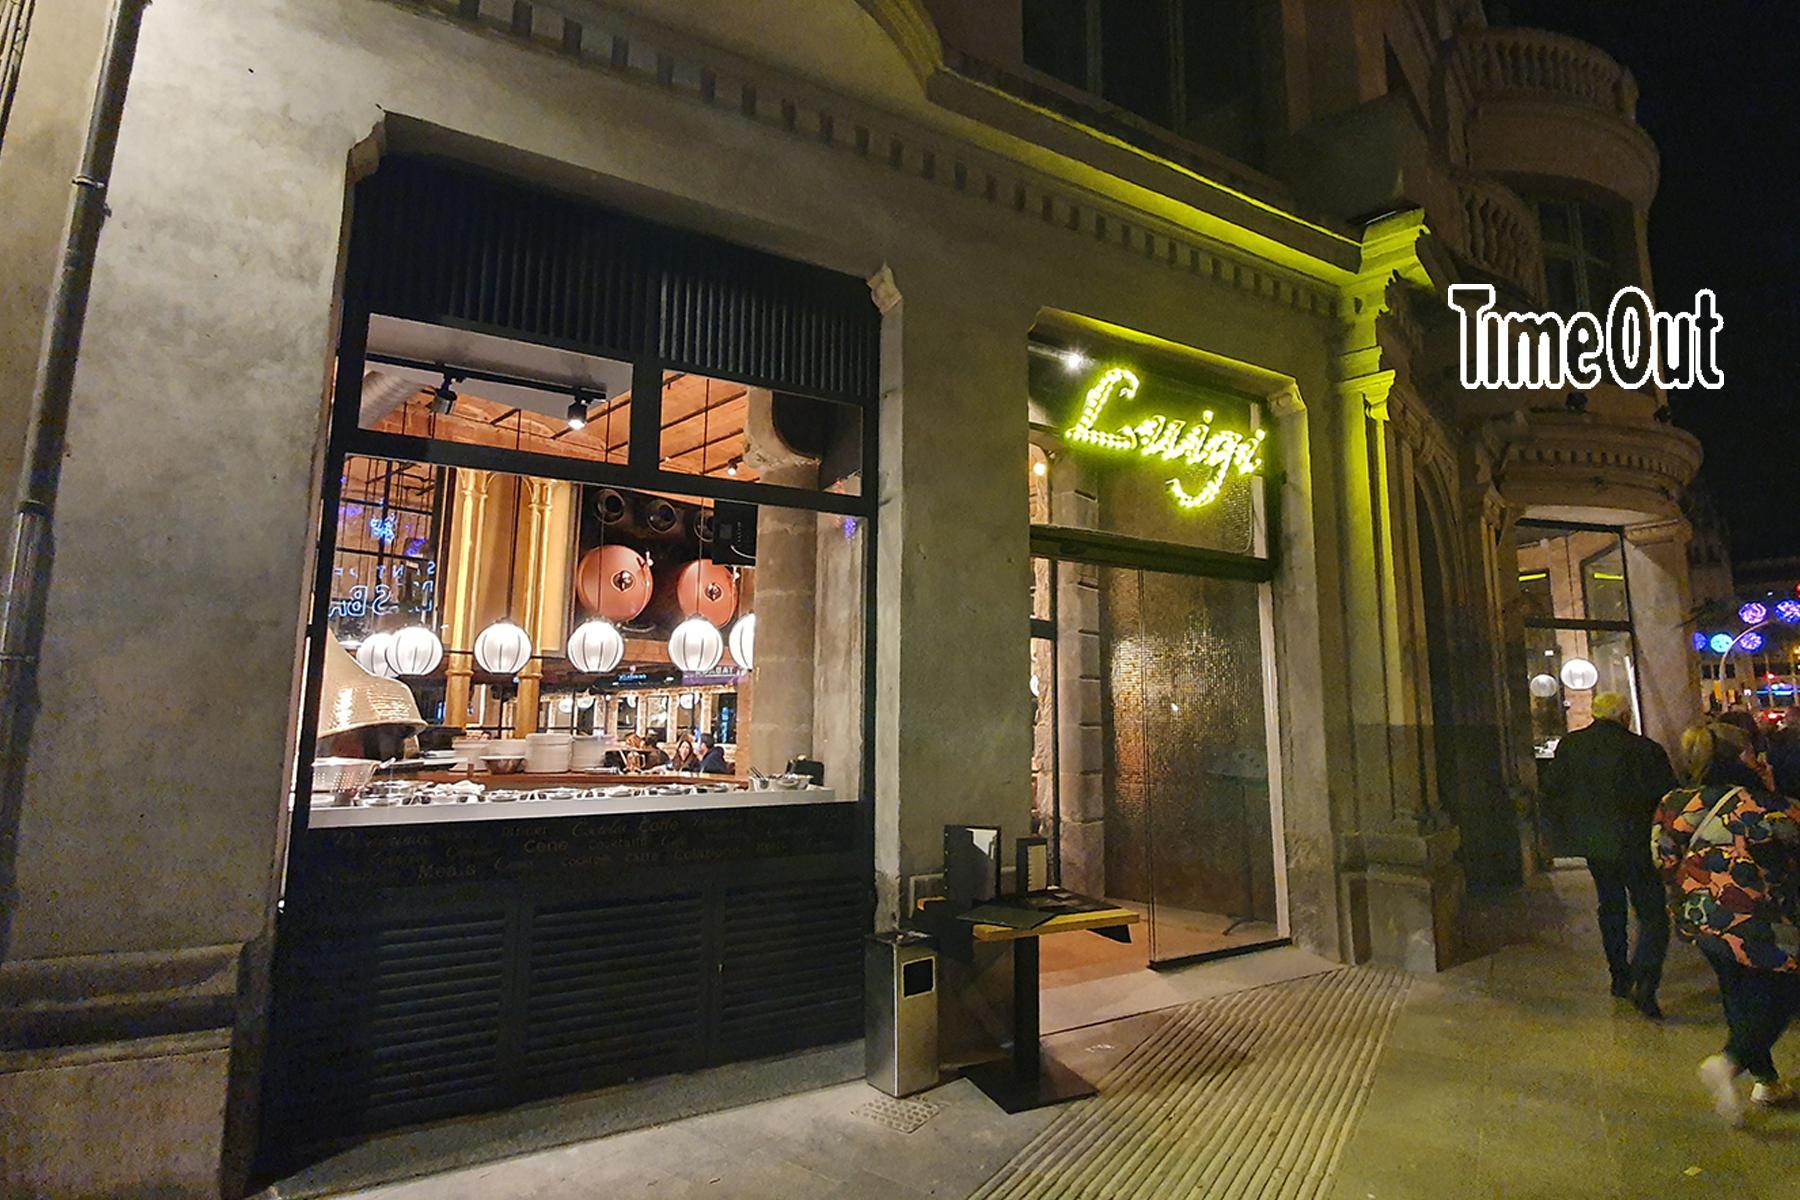 pizzeria-luigi-via-laietana-en-time-out-